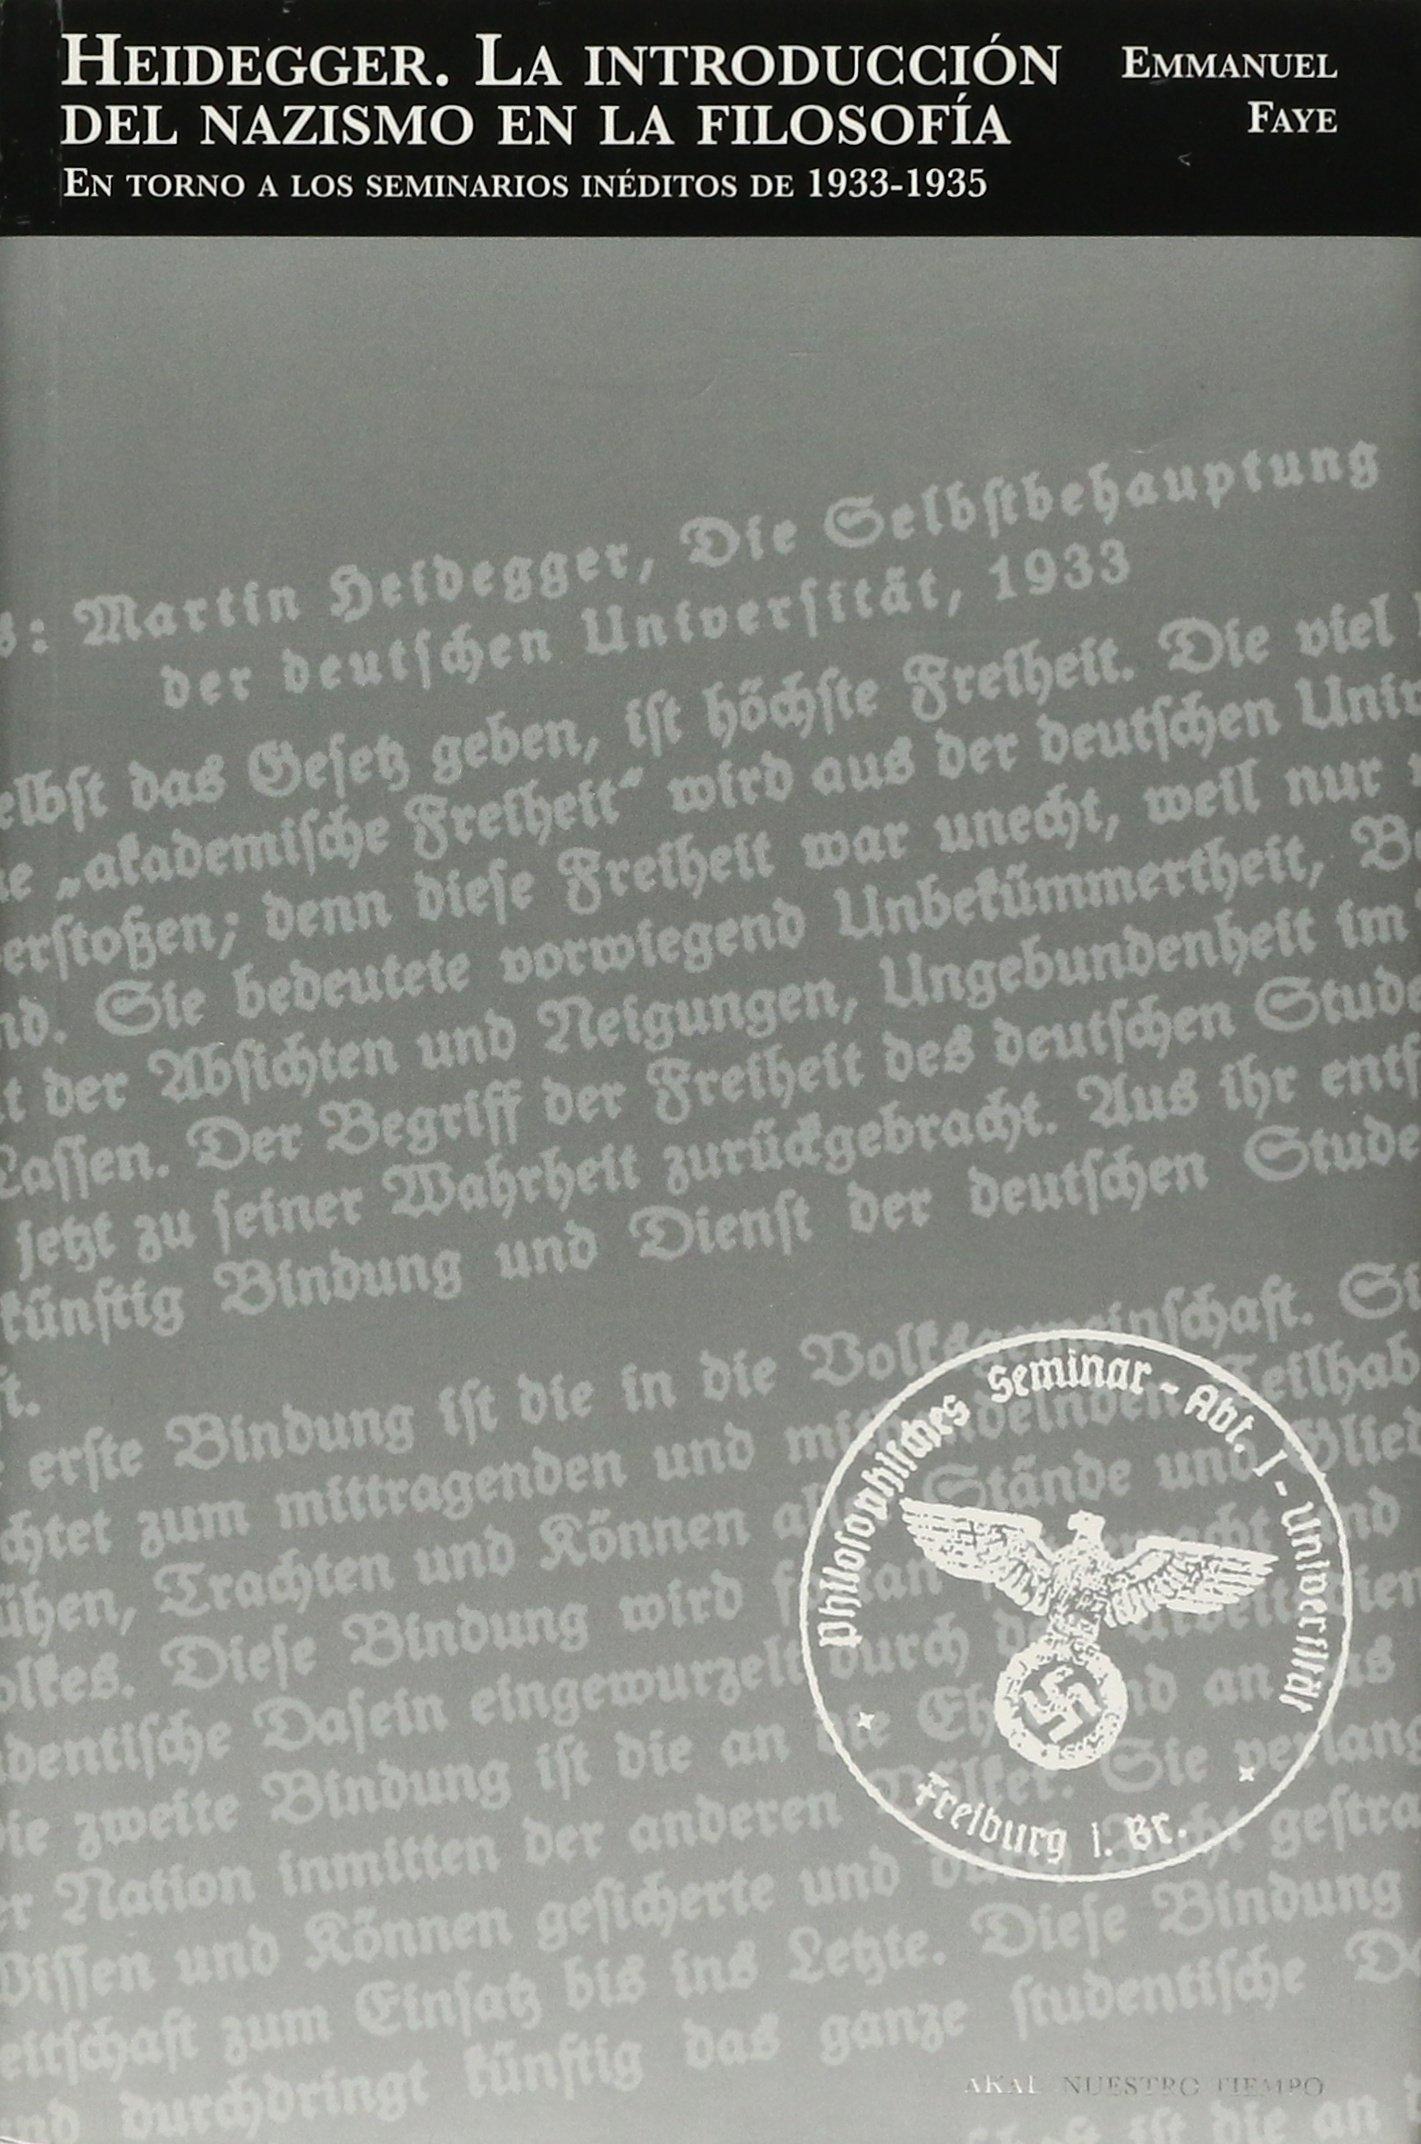 Heidegger, la introducción del nazismo en la filosofía : en torno a los seminarios inéditos de 1933-1935 (Nuestro tiempo, Band 10)